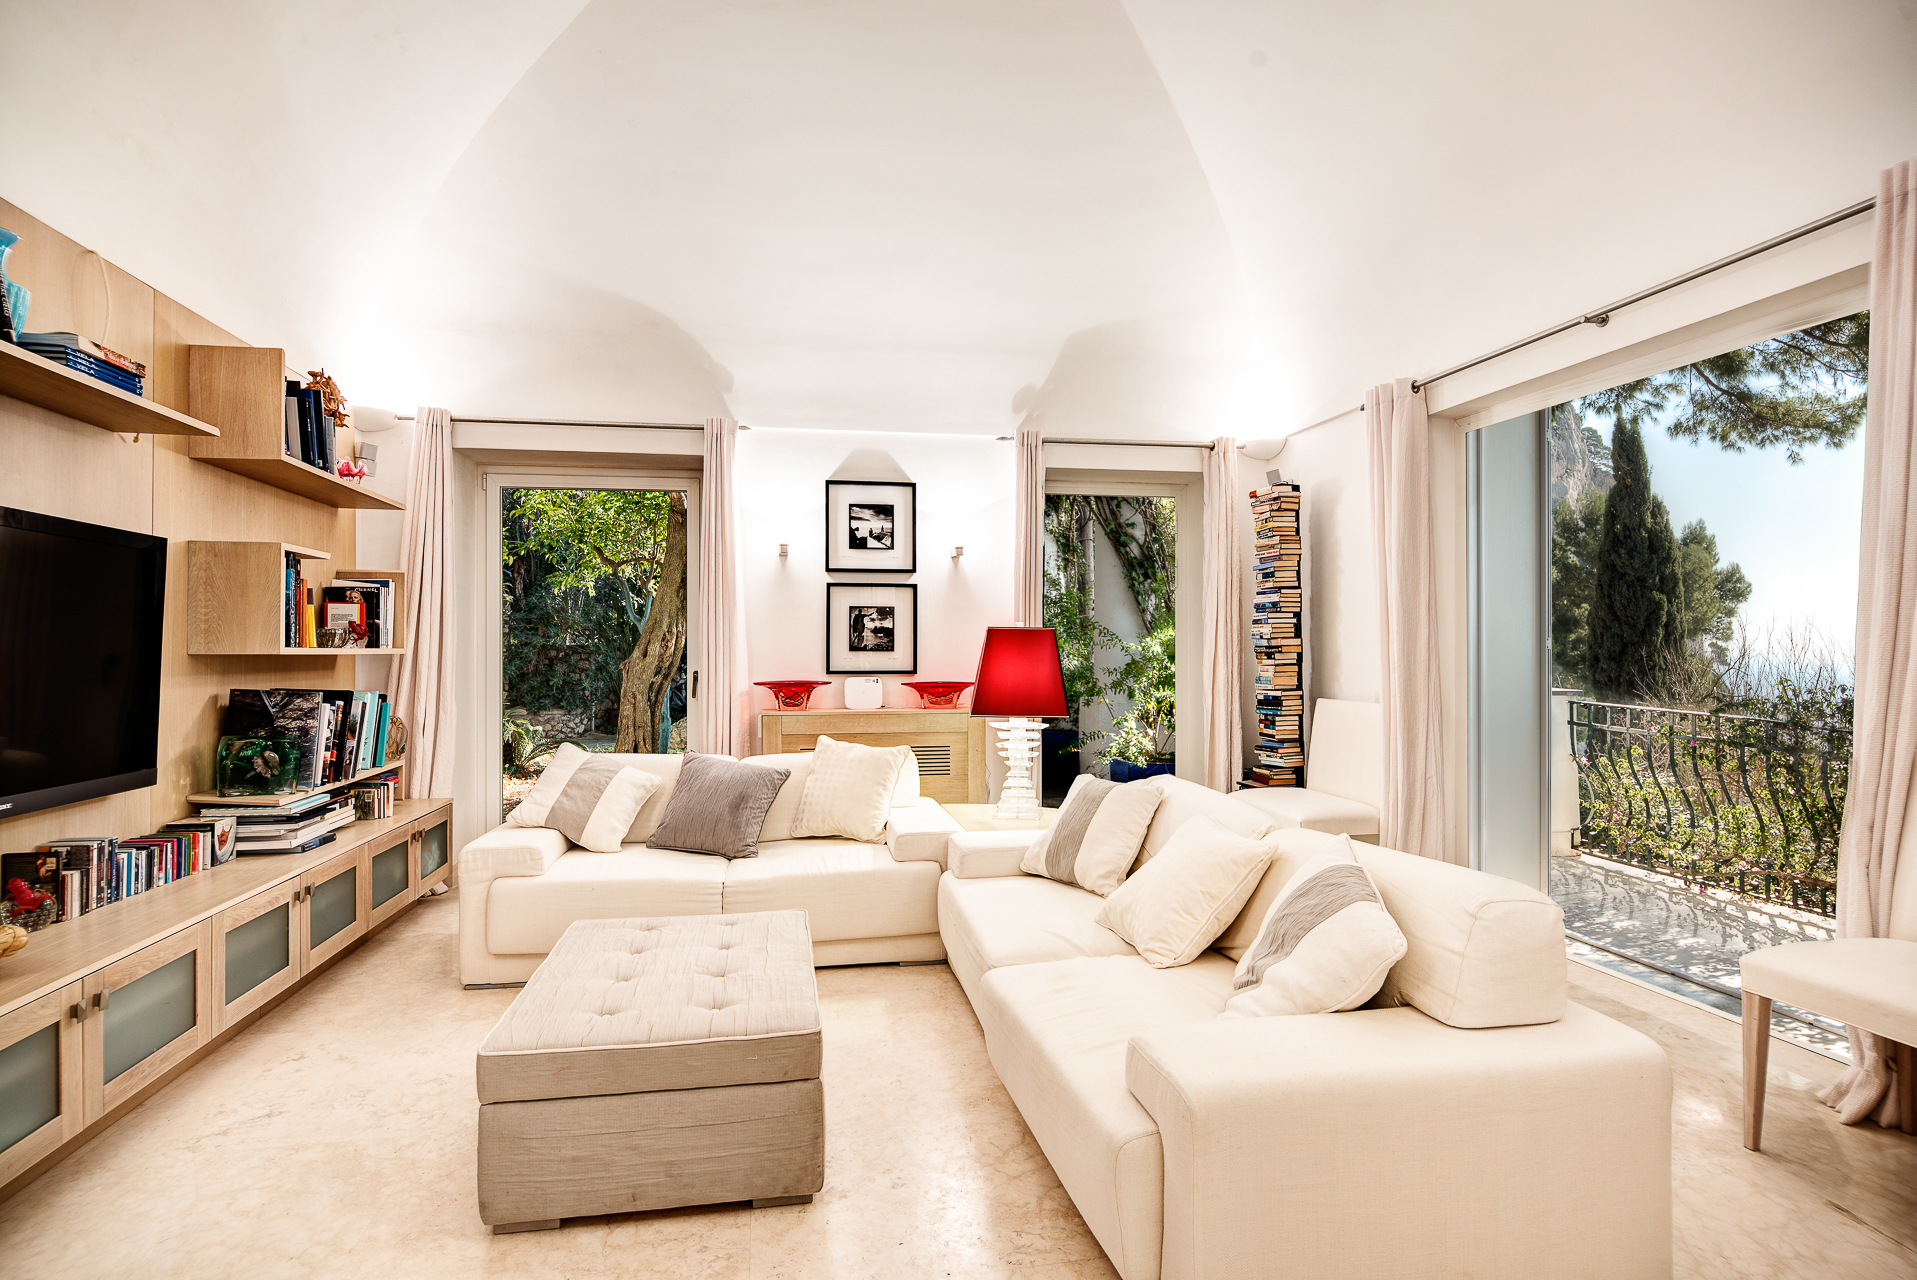 Apartment Villa Bougainvillea - Luxury Capri Villa with Views photo 19306910